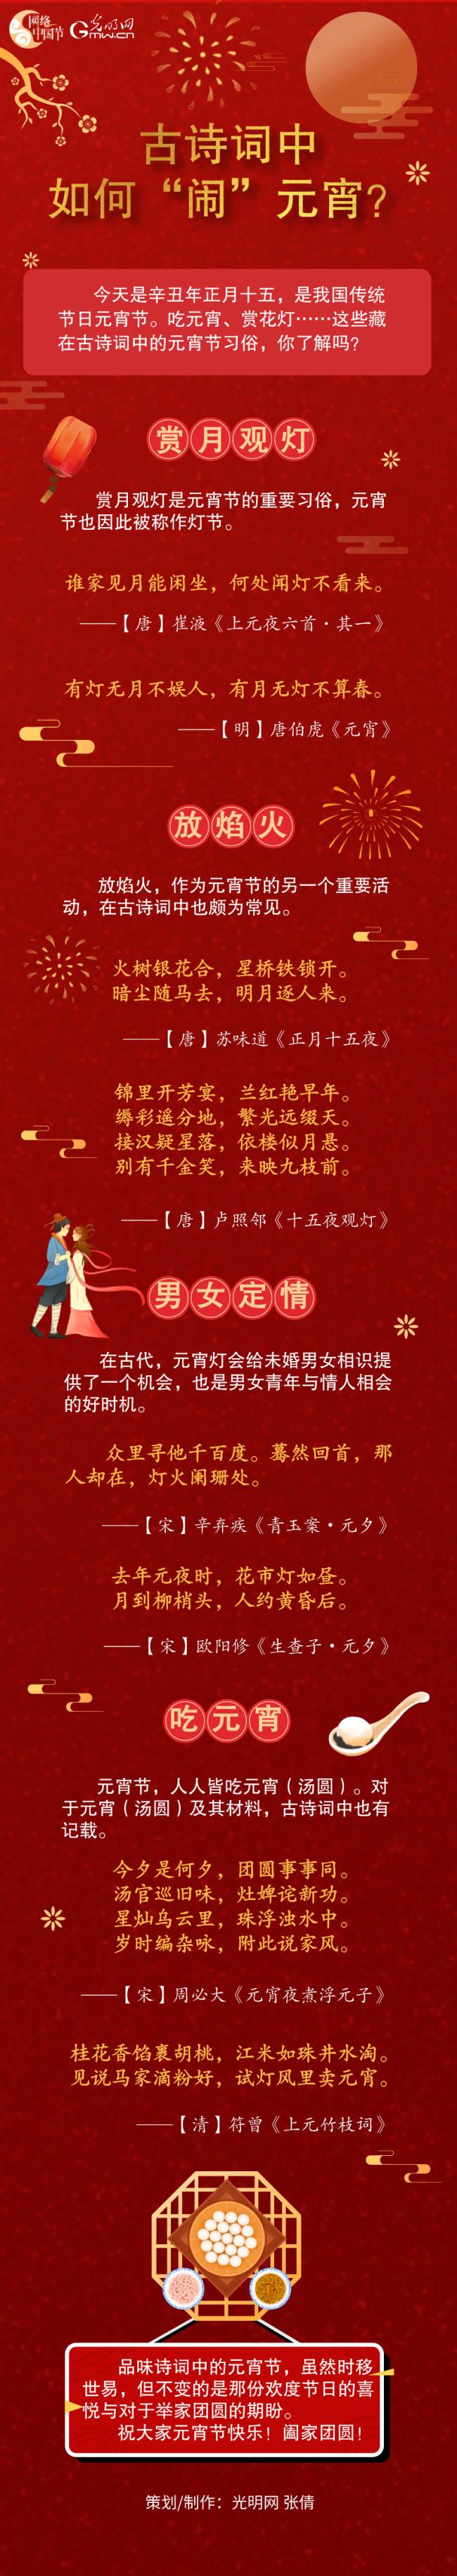 """【网络中国节】古诗词中如何""""闹""""元宵?"""